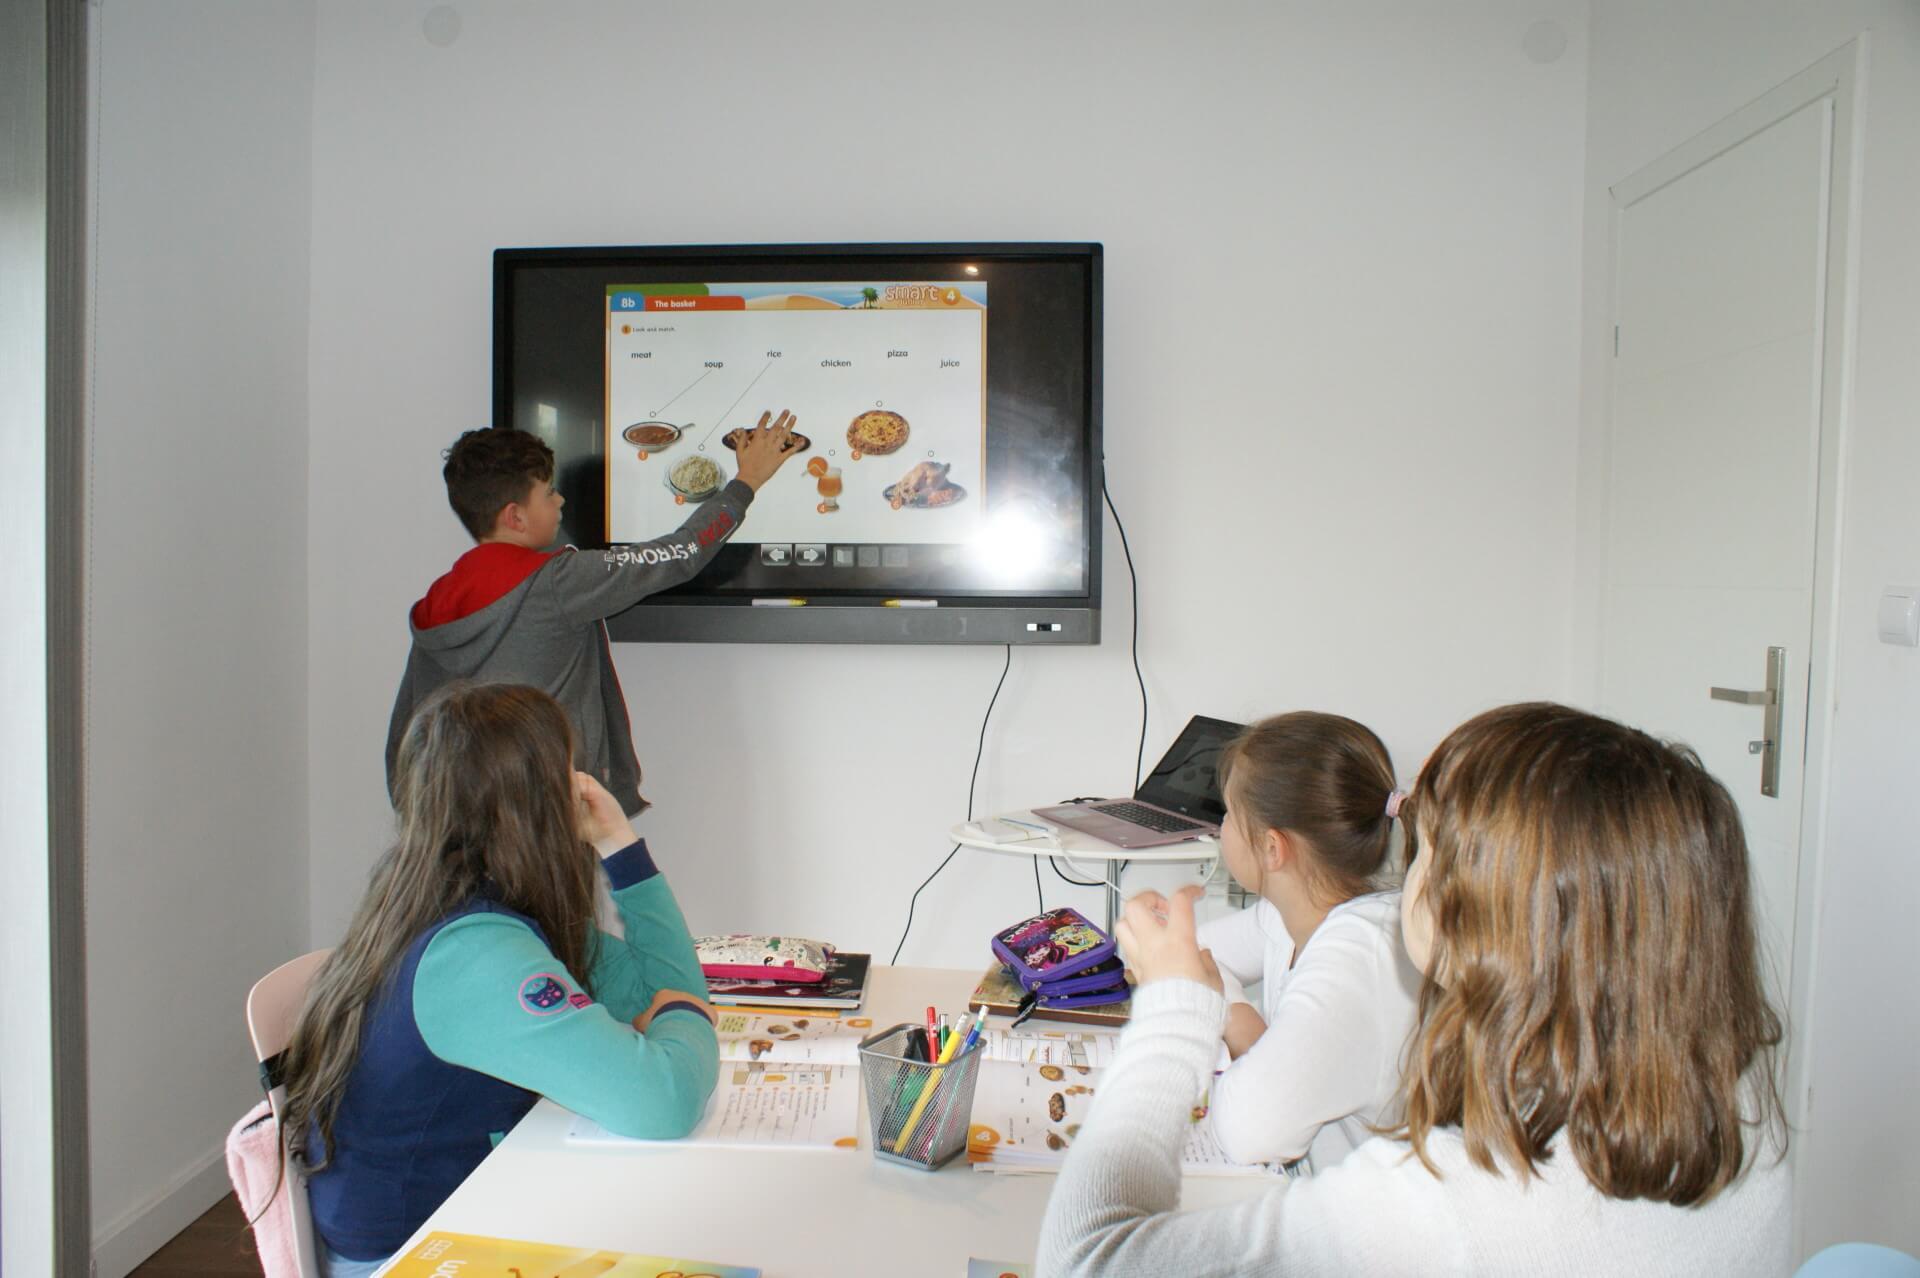 nauka angielskiego na tablicy interaktywnej